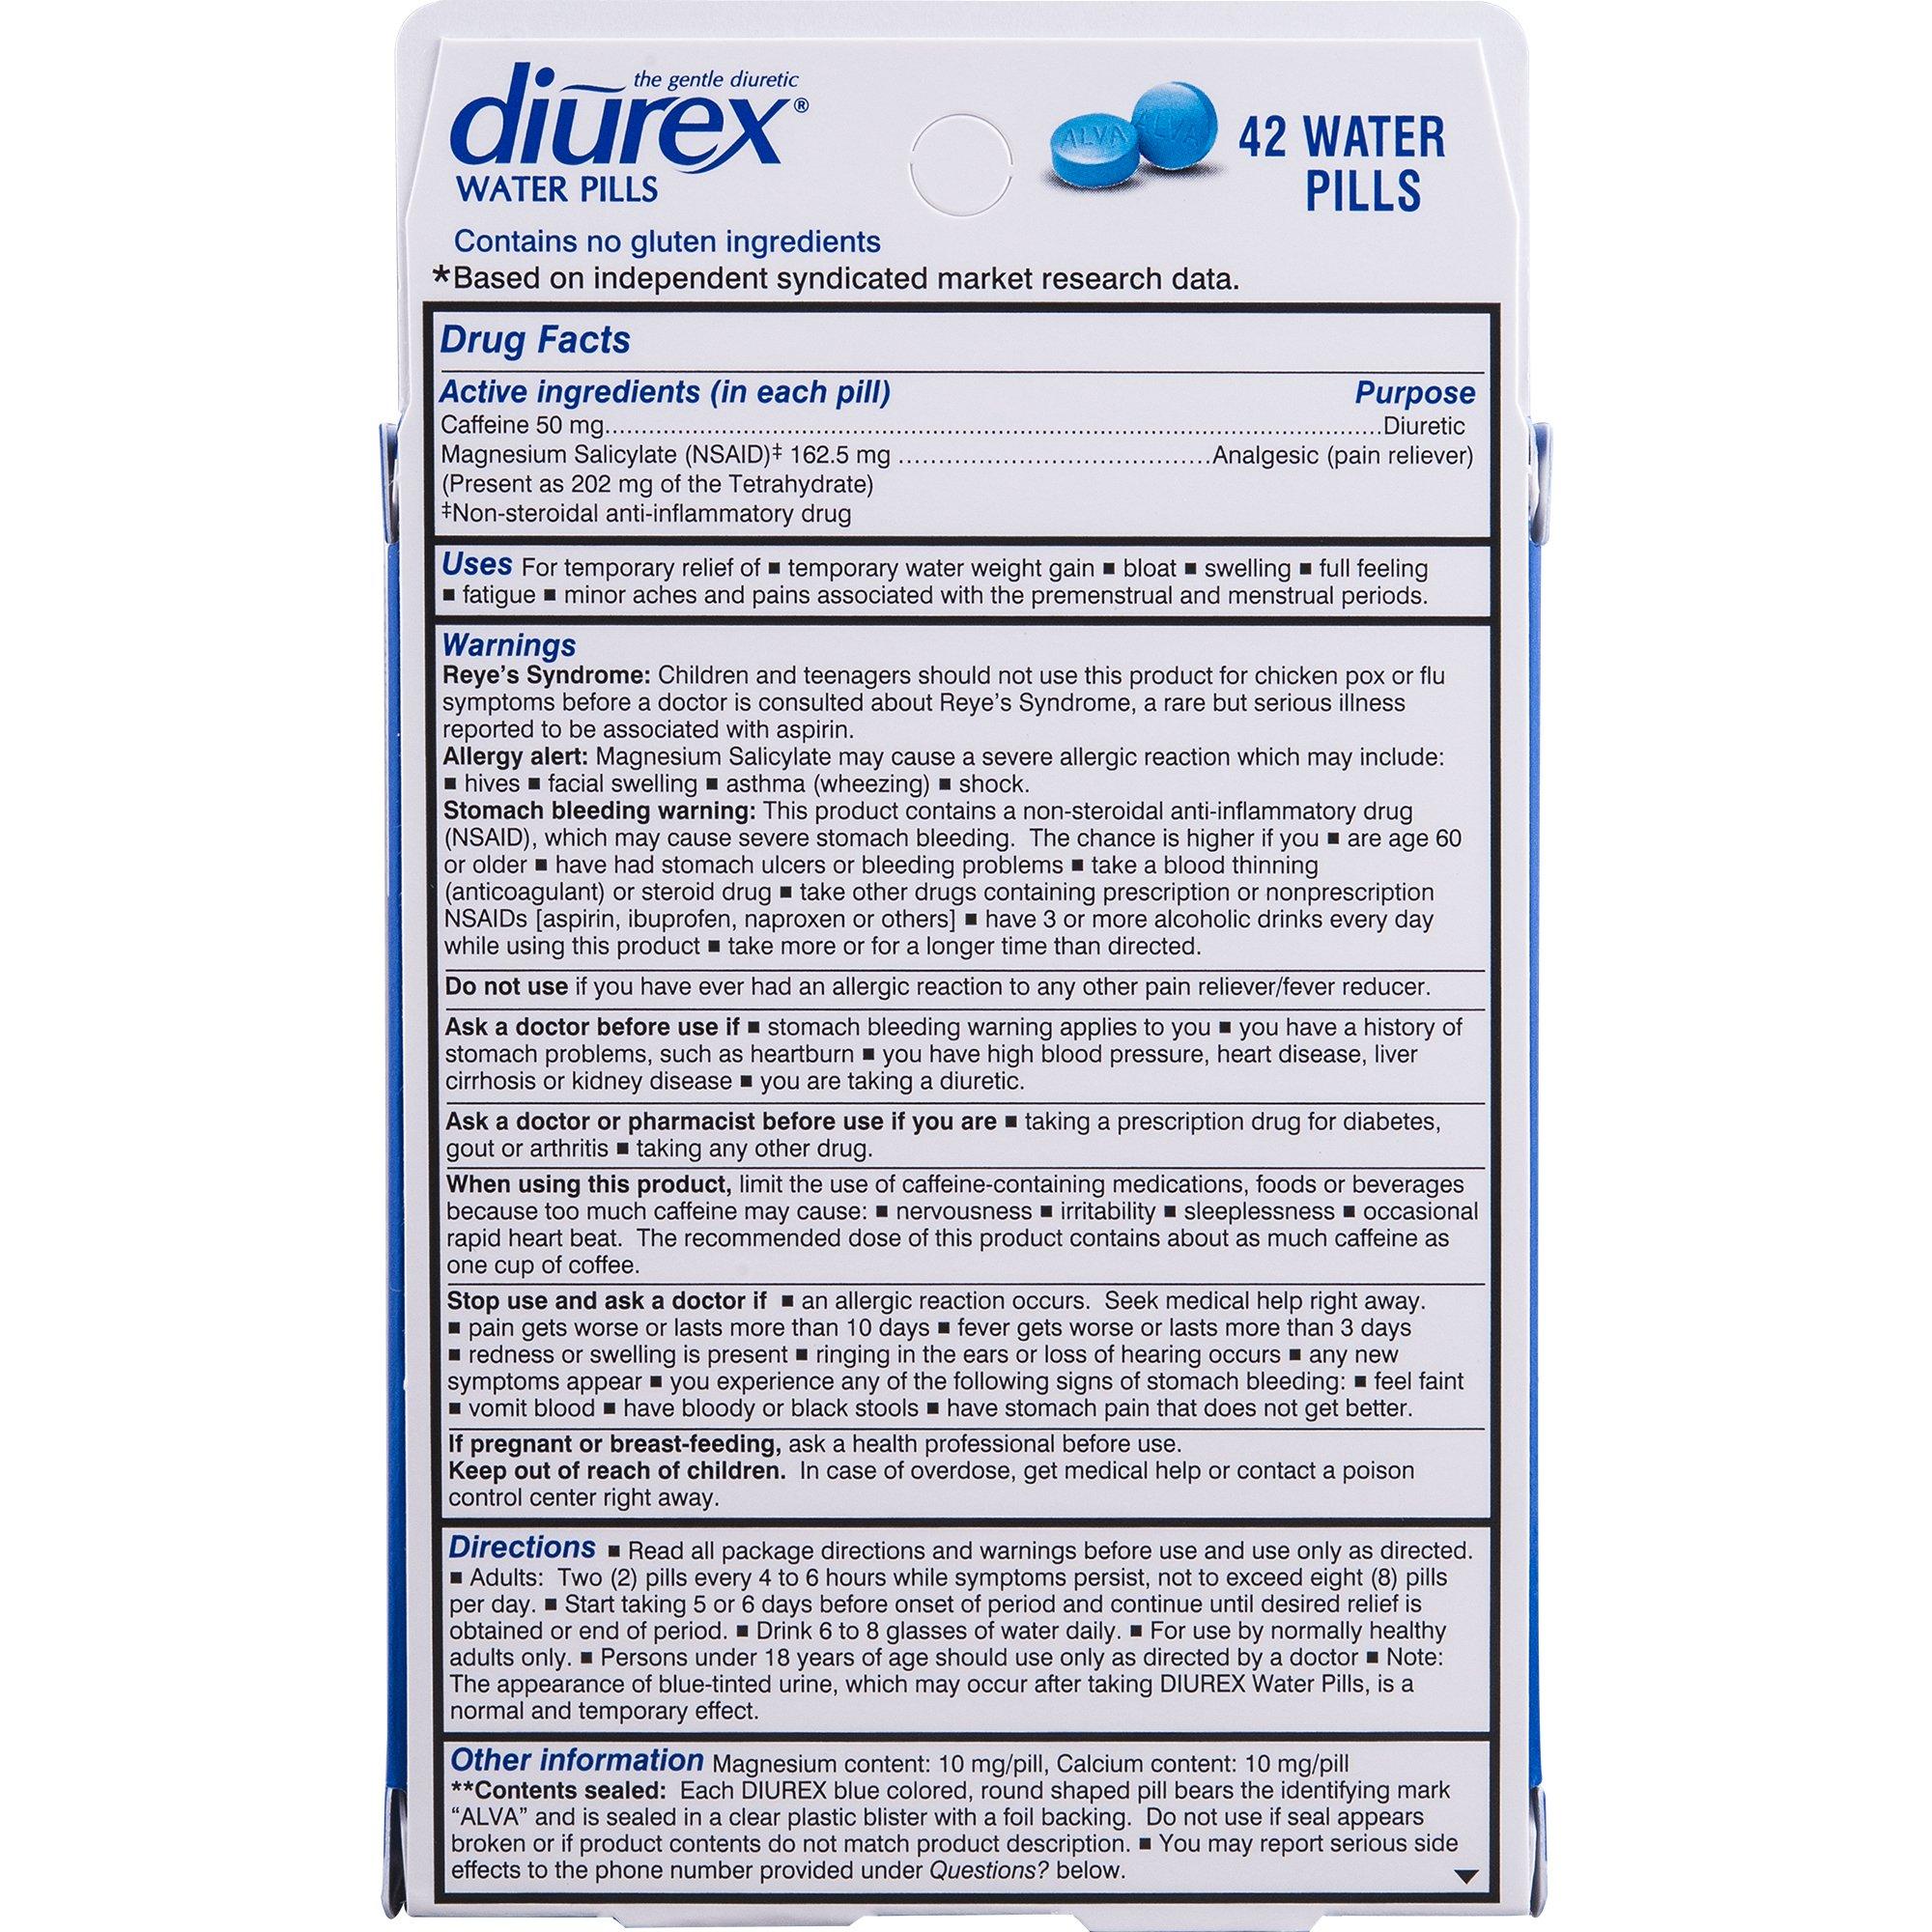 Diurex Water Pills, 42 Count Pills (Pack of 3) by Diurex (Image #3)